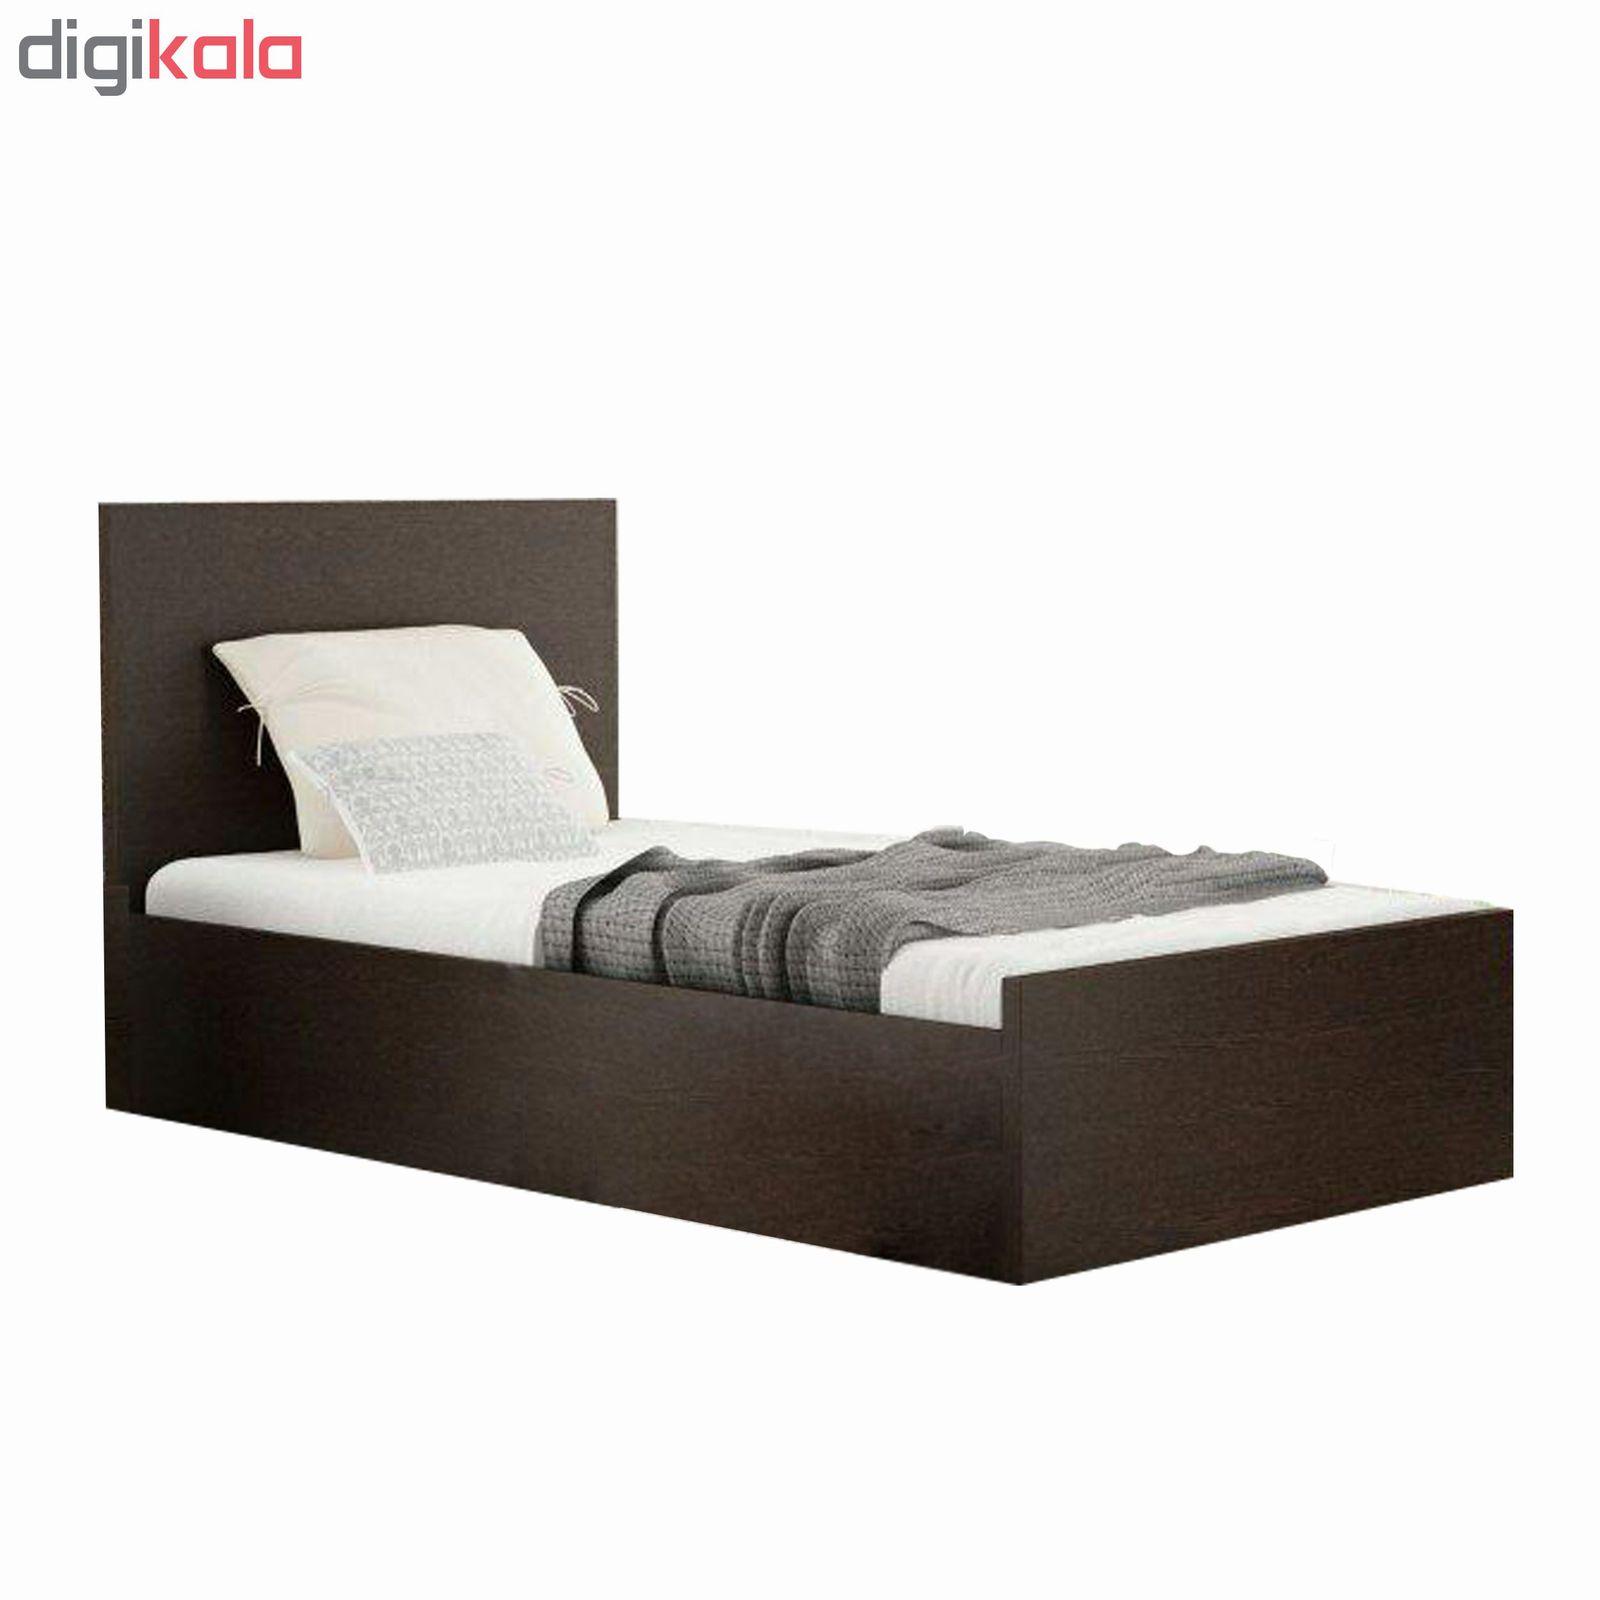 تخت خواب یک نفره مدل AK_B_AlbrzV سایز 90x200 سانتی متر main 1 9